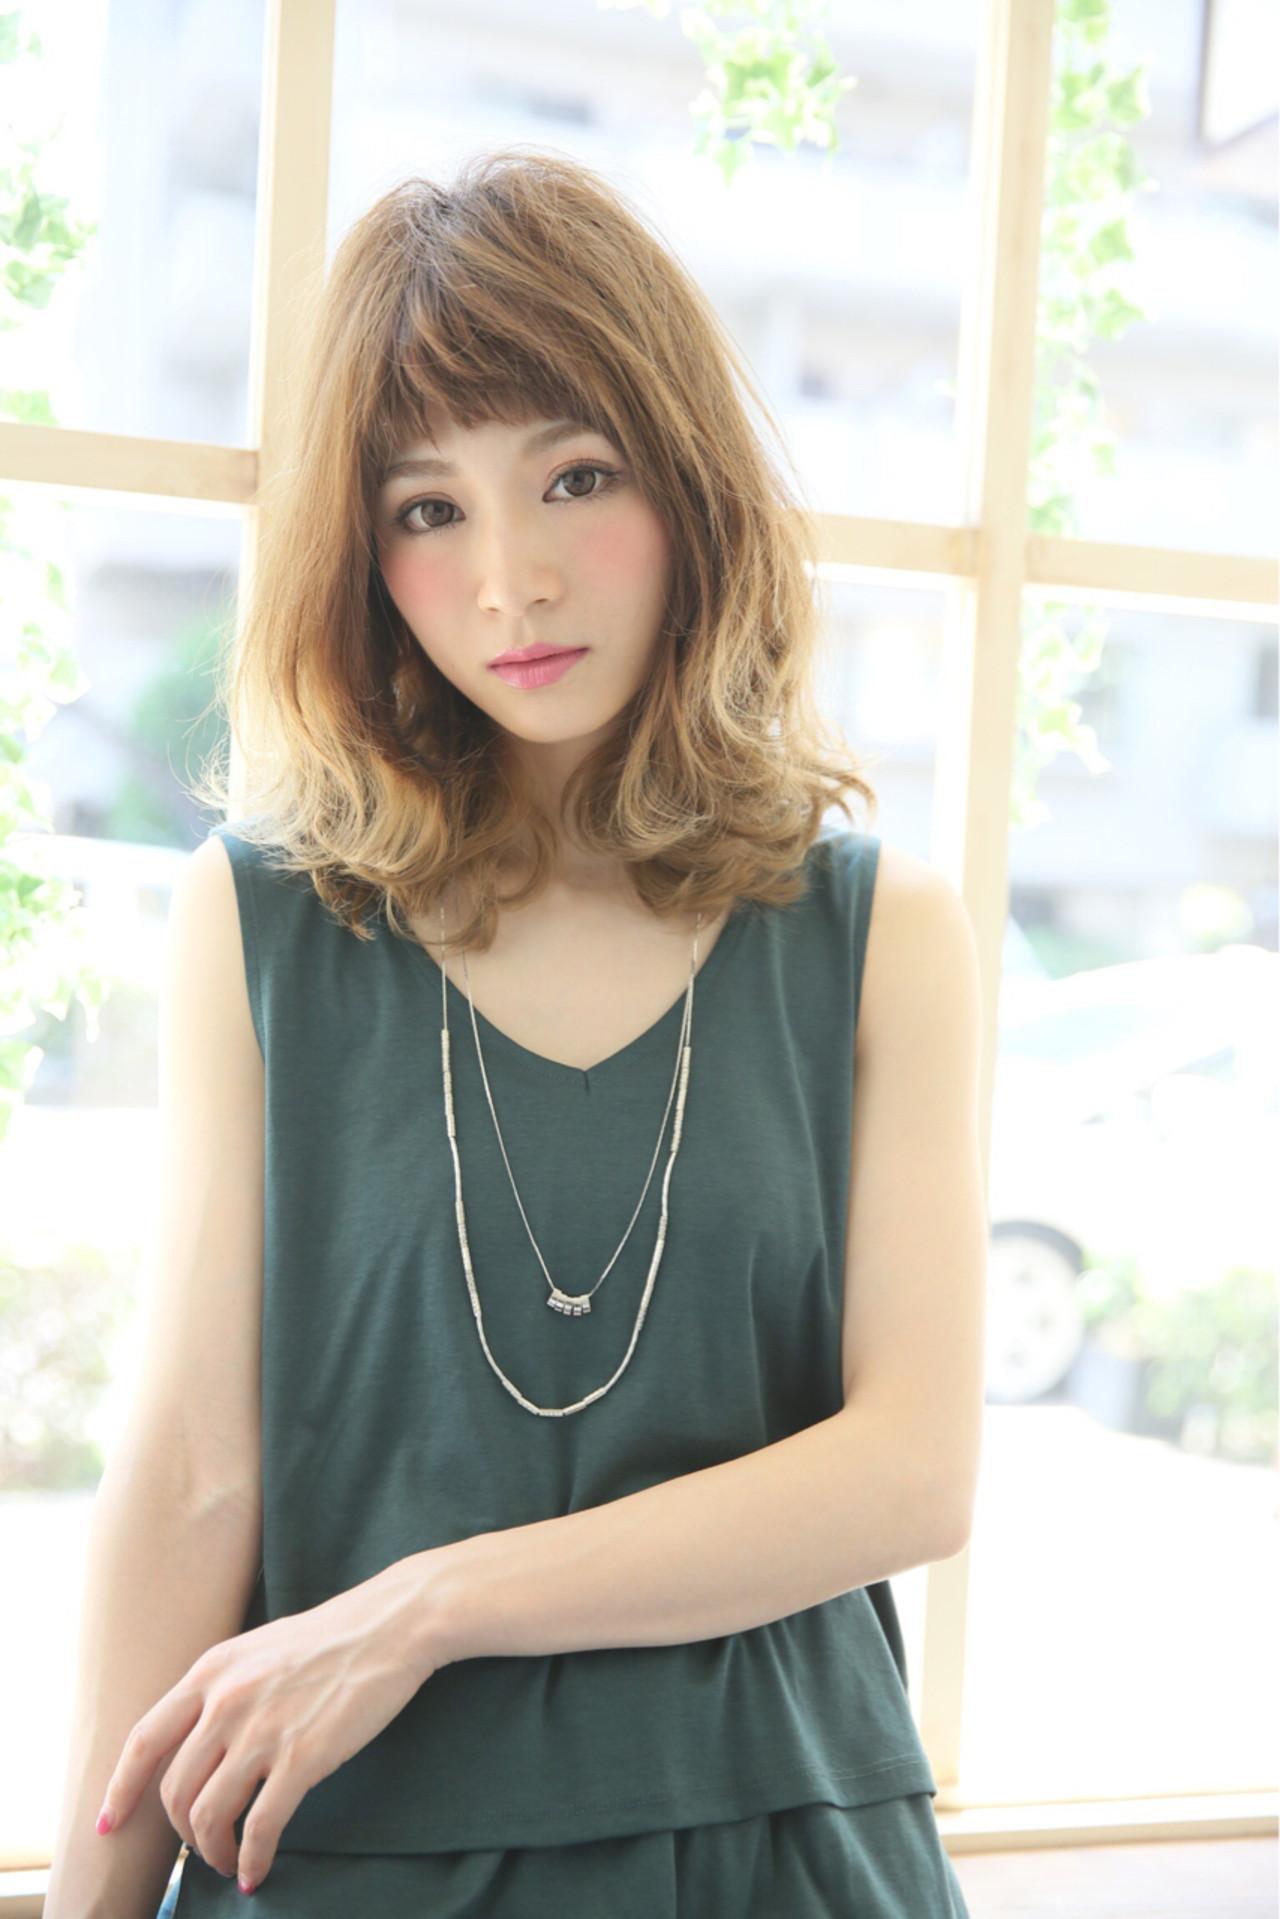 ショートバング パーマ ストリート 大人かわいい ヘアスタイルや髪型の写真・画像 | 柾木 ひかる / Madu